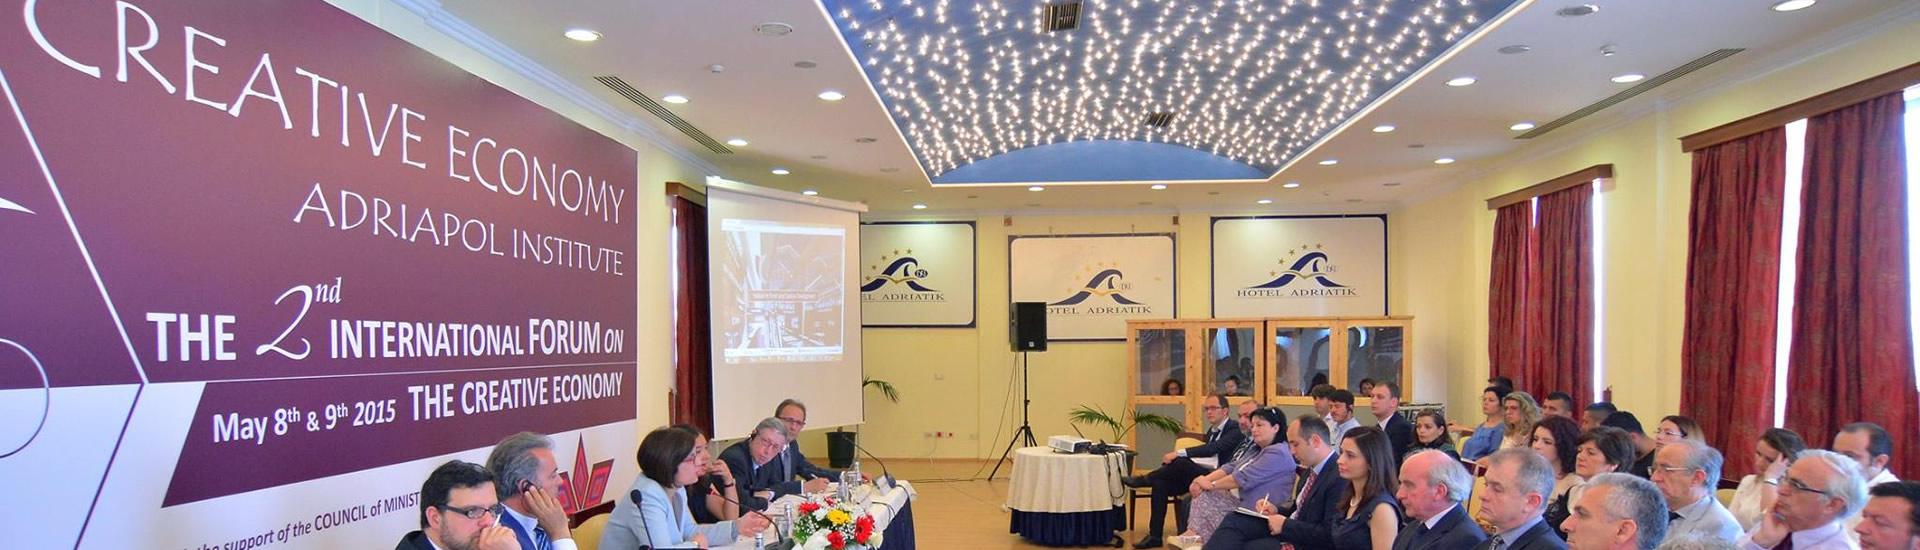 adriapol-forum-2